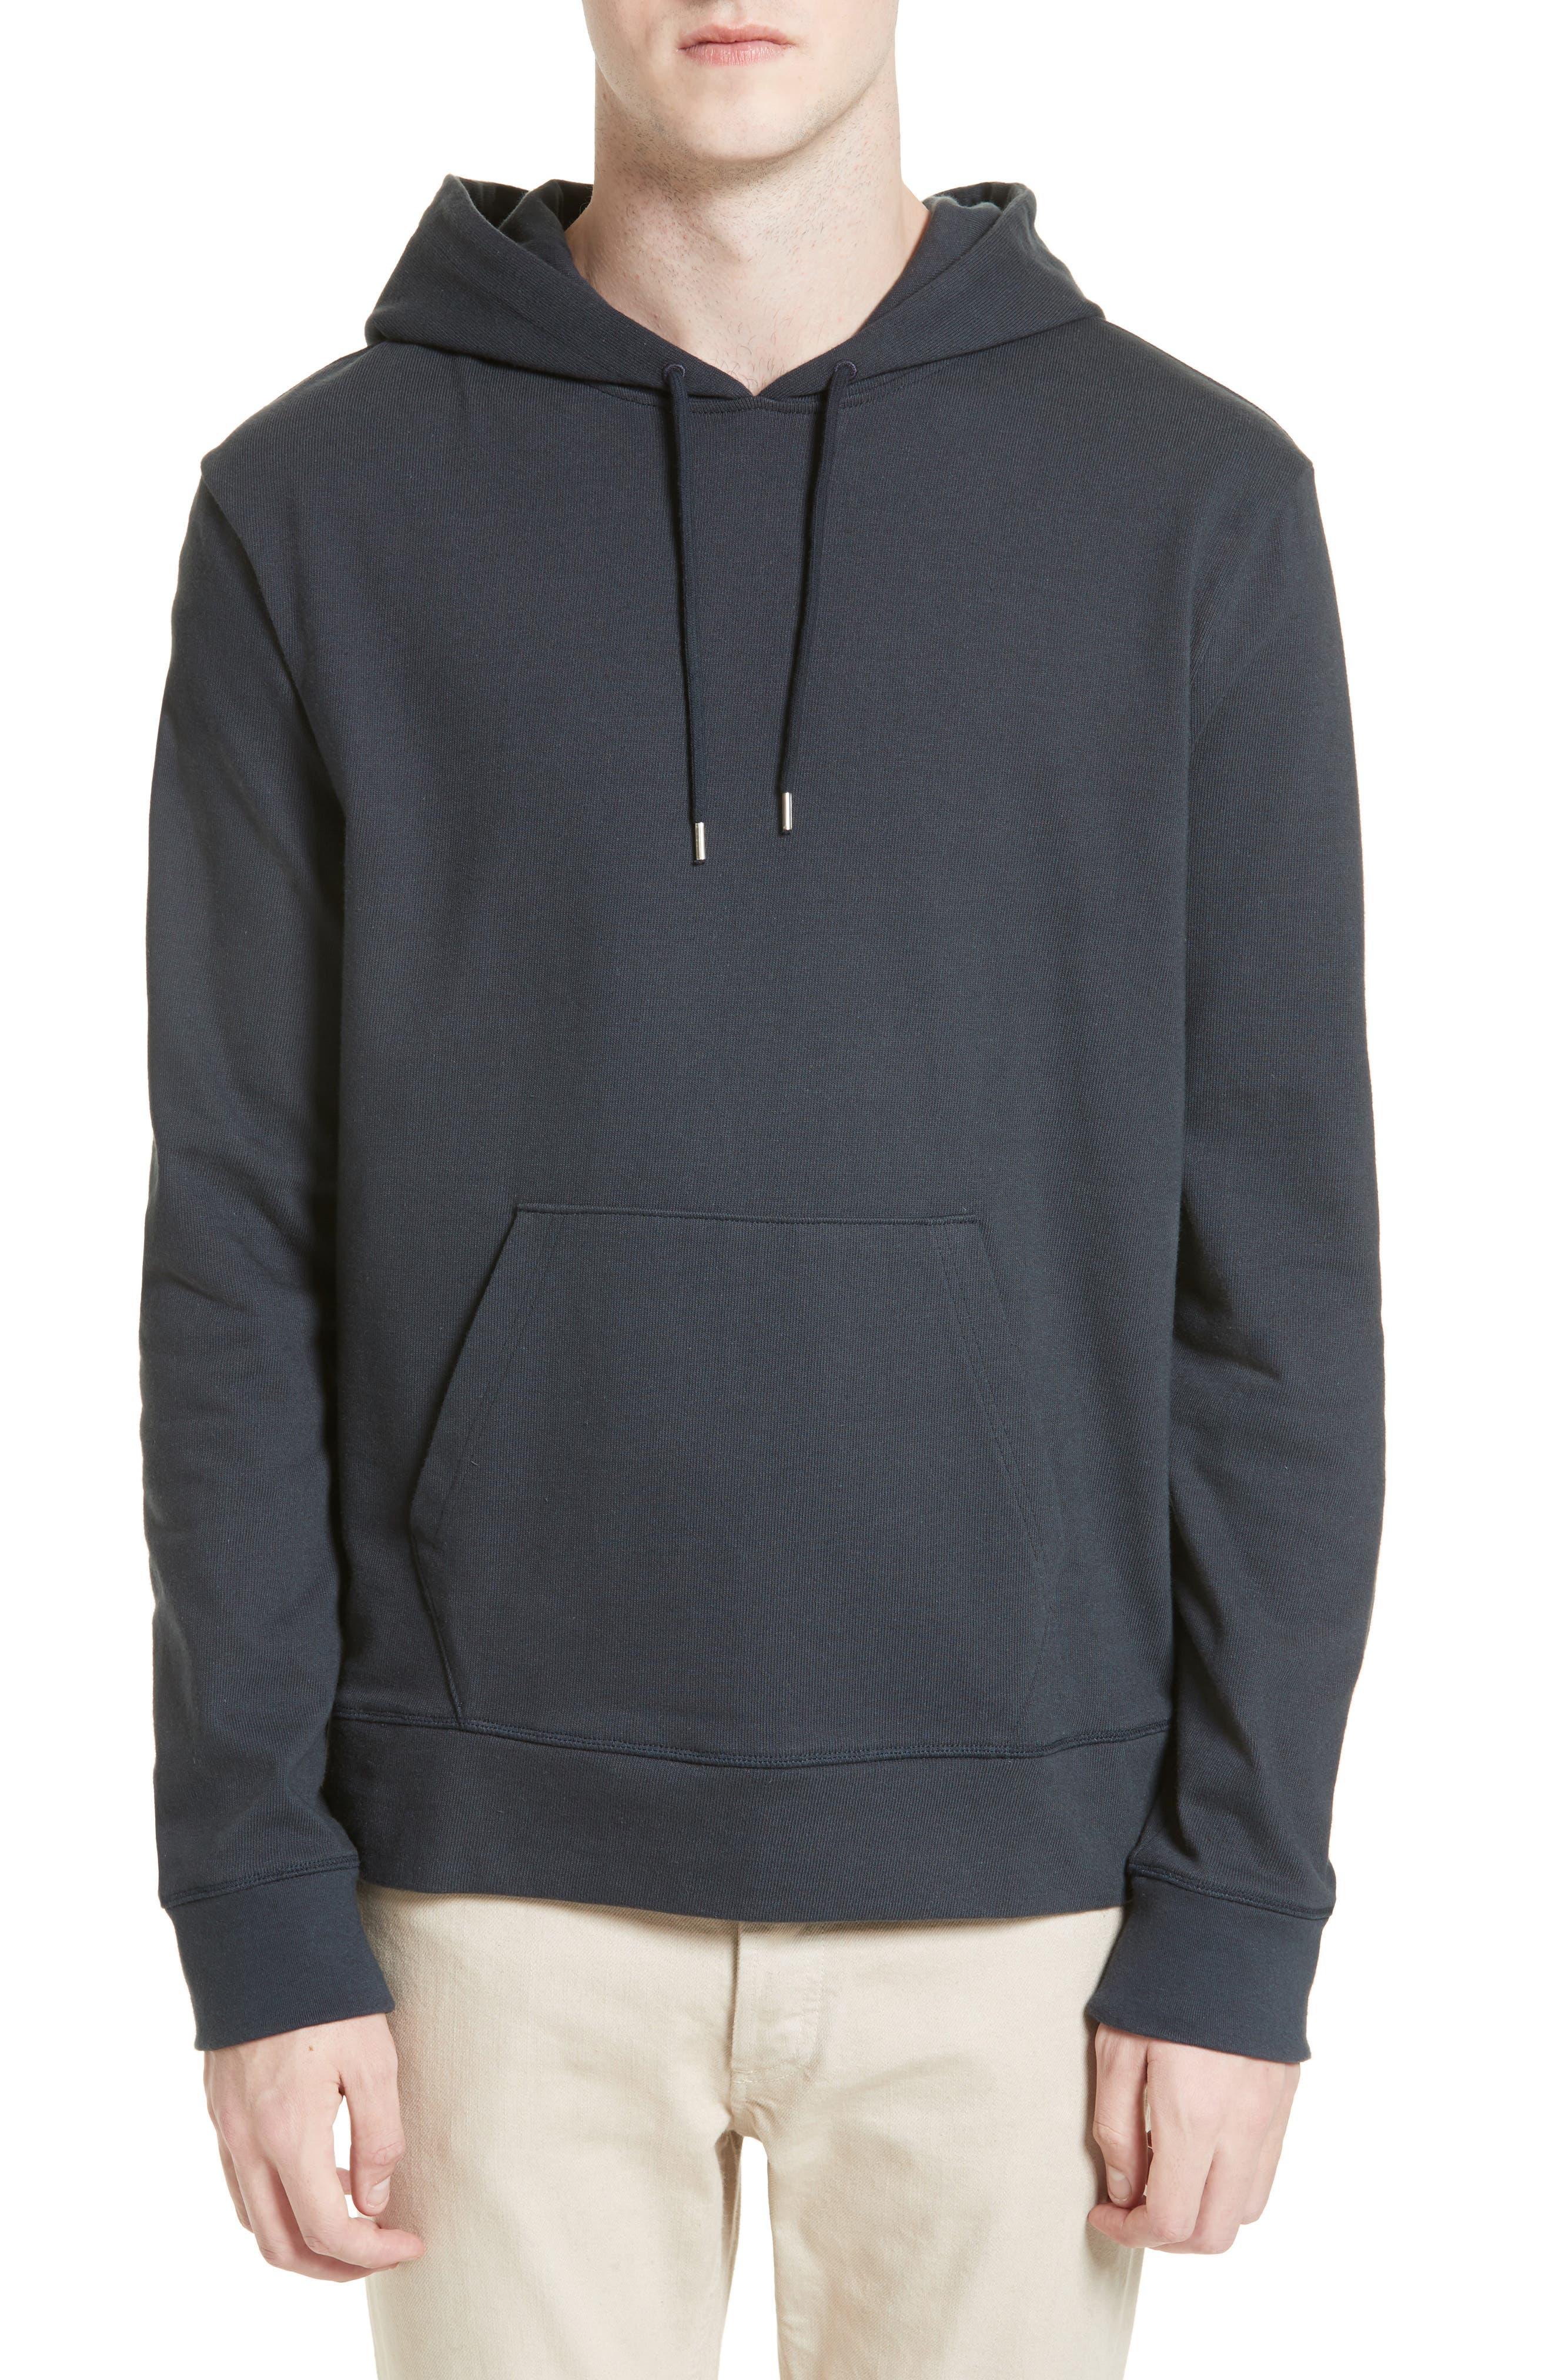 Brody Hooded Sweatshirt,                         Main,                         color, 020